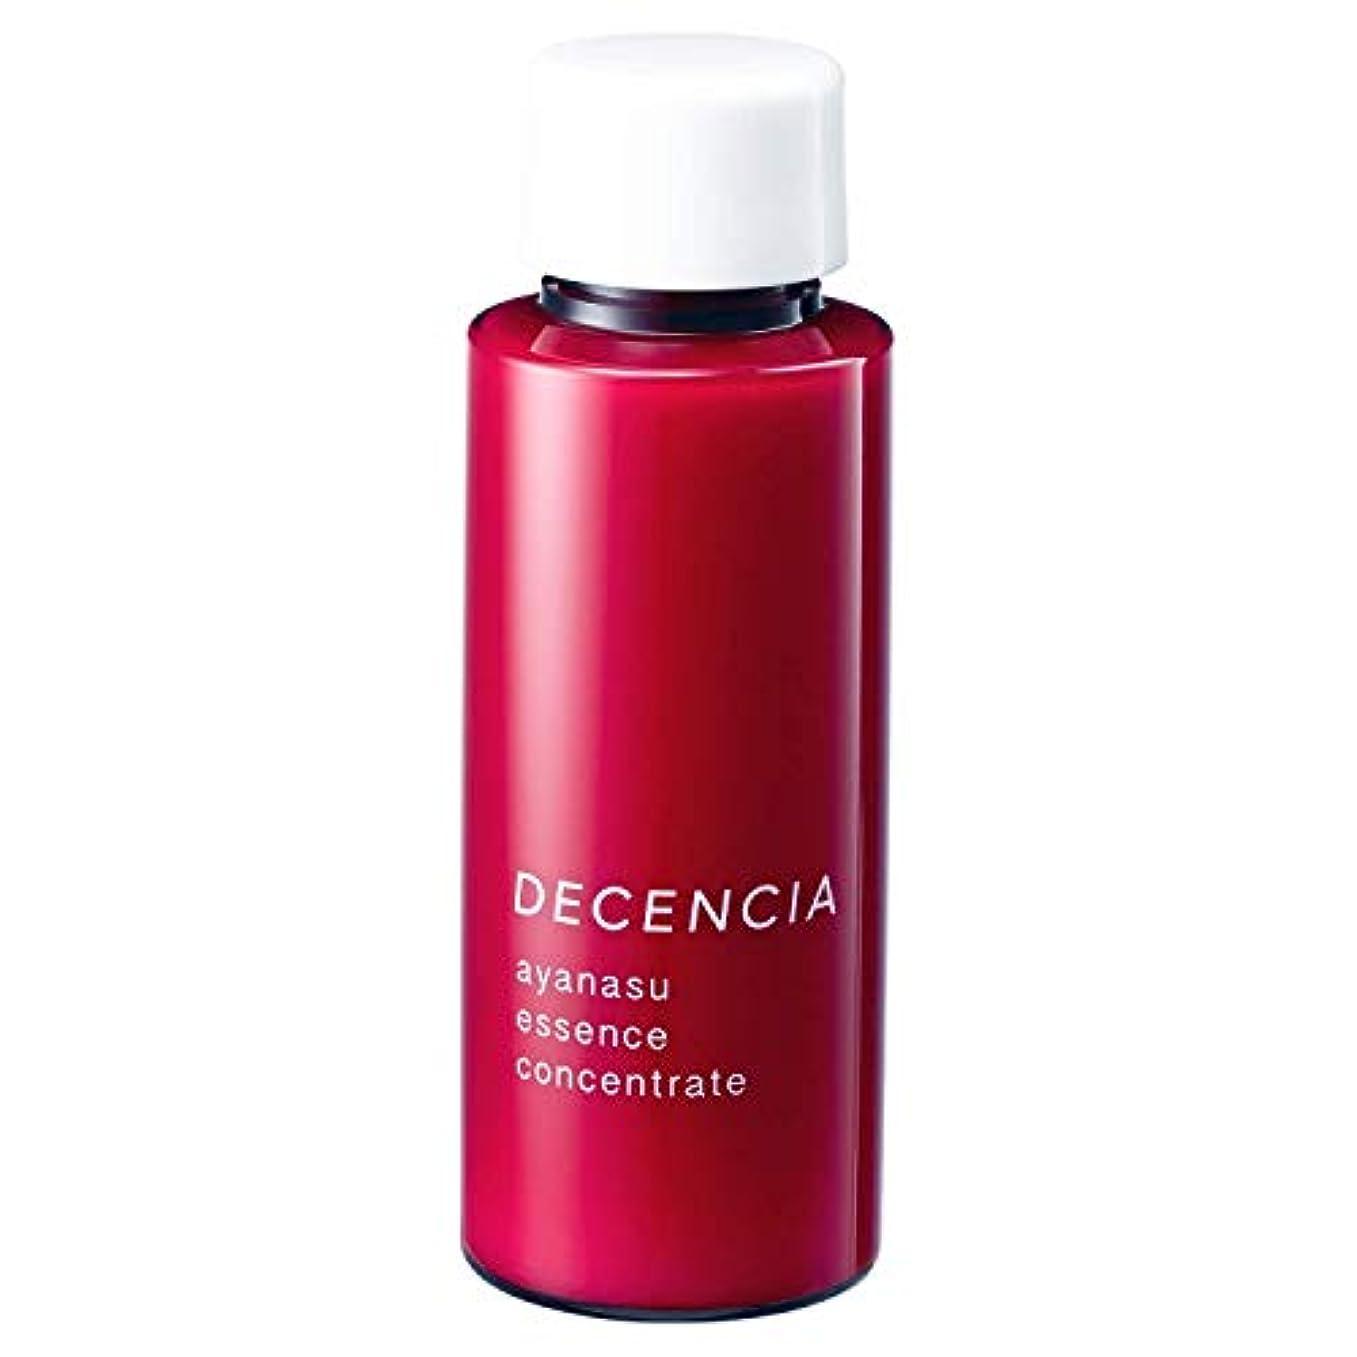 外国人メタリック自分のDECENCIA(ディセンシア) アヤナス エッセンス コンセントレート 美容液 リフィル 詰替え用 36mL